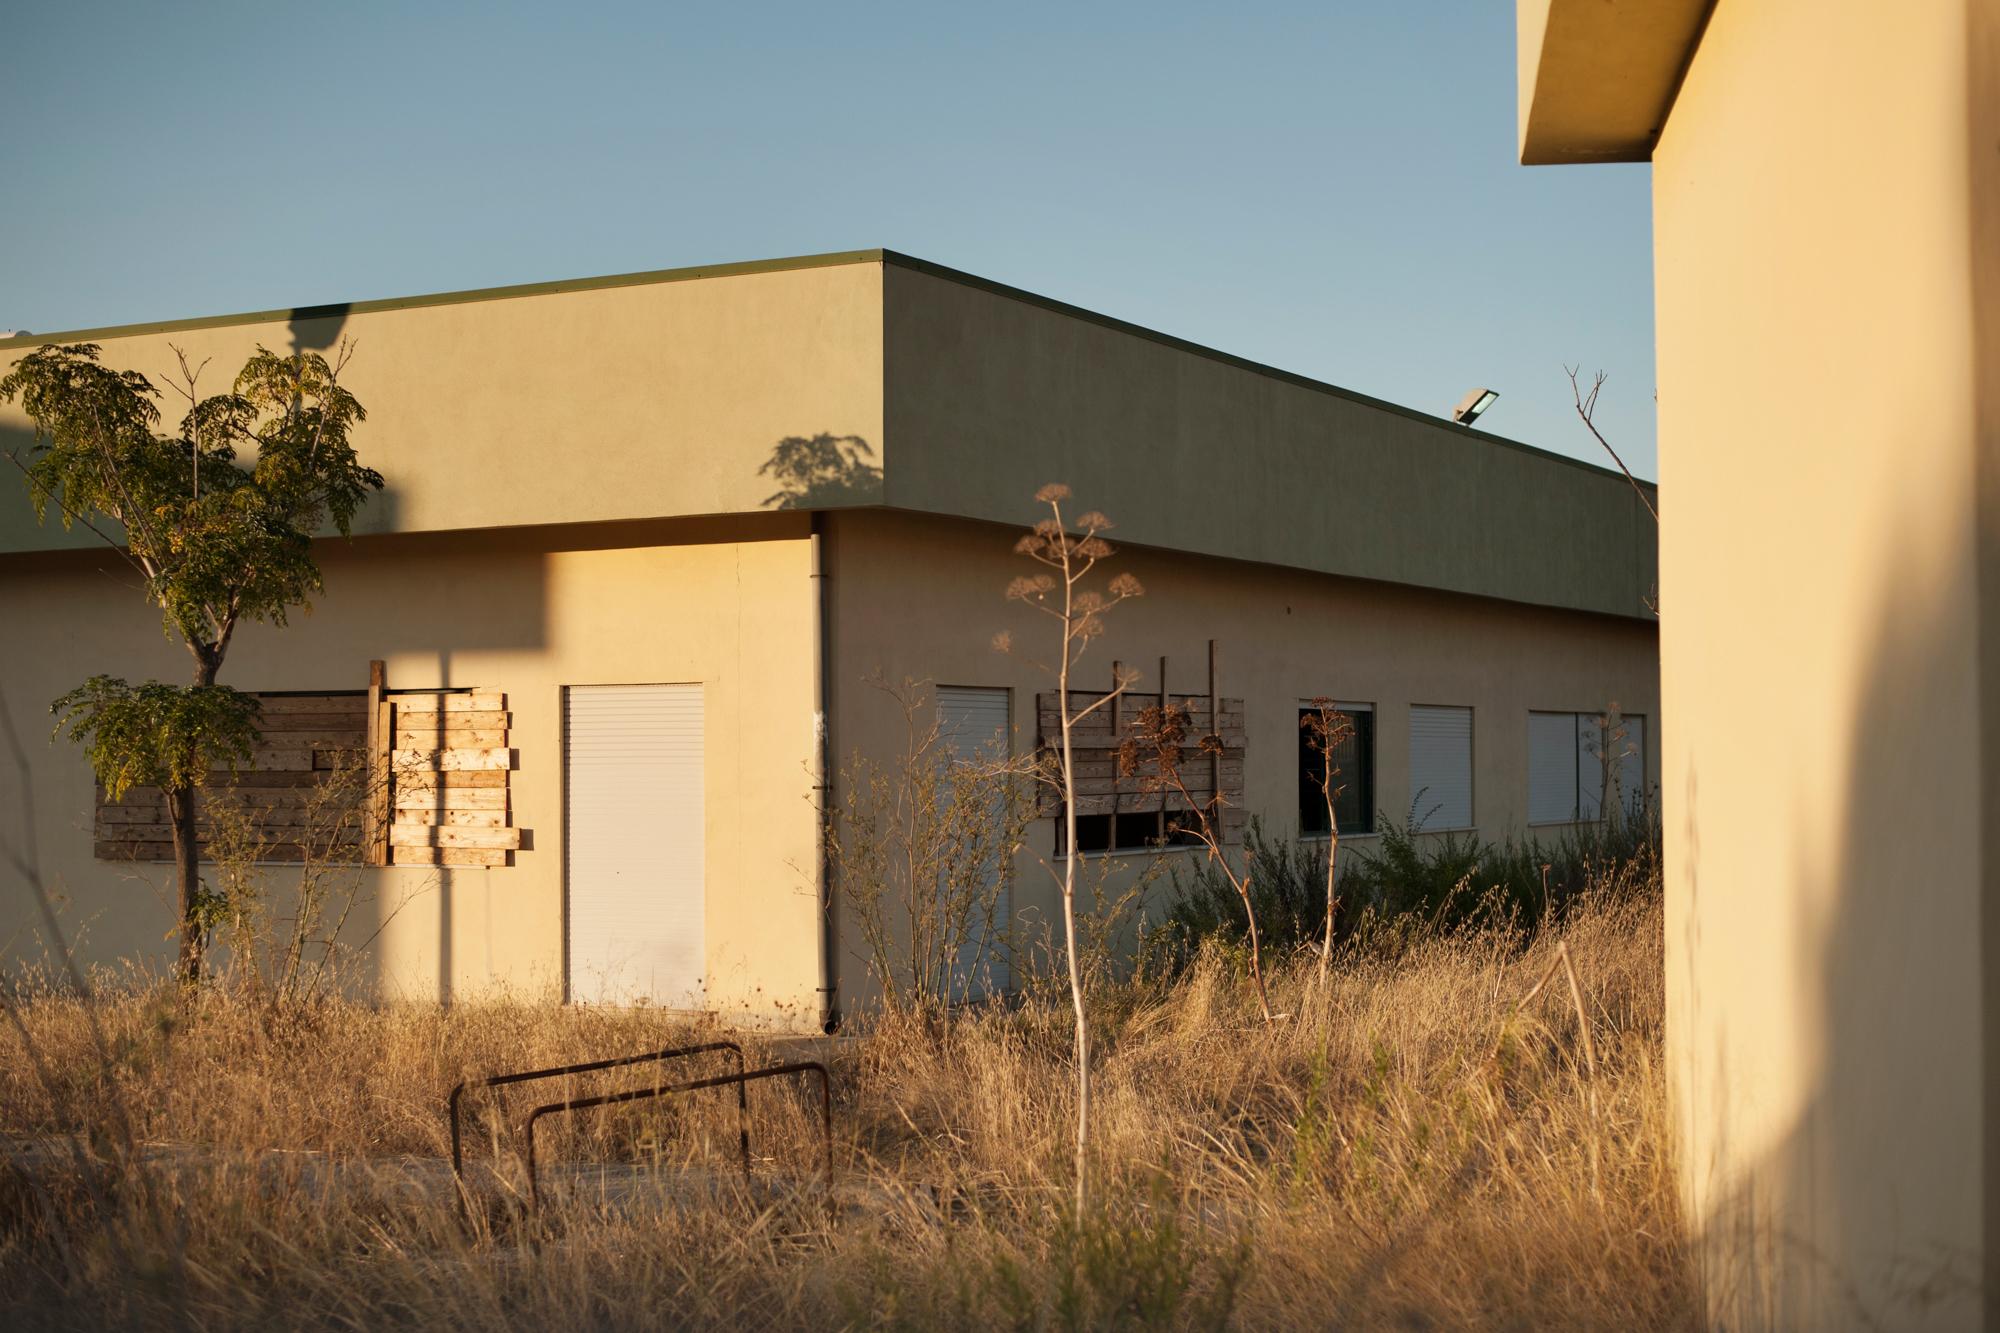 Italia. Crotone 2013: La scuola elementare San Francesco Alcmeone, uno dei pochi siti tutt'ora chiuso e quindi inutilizzato.